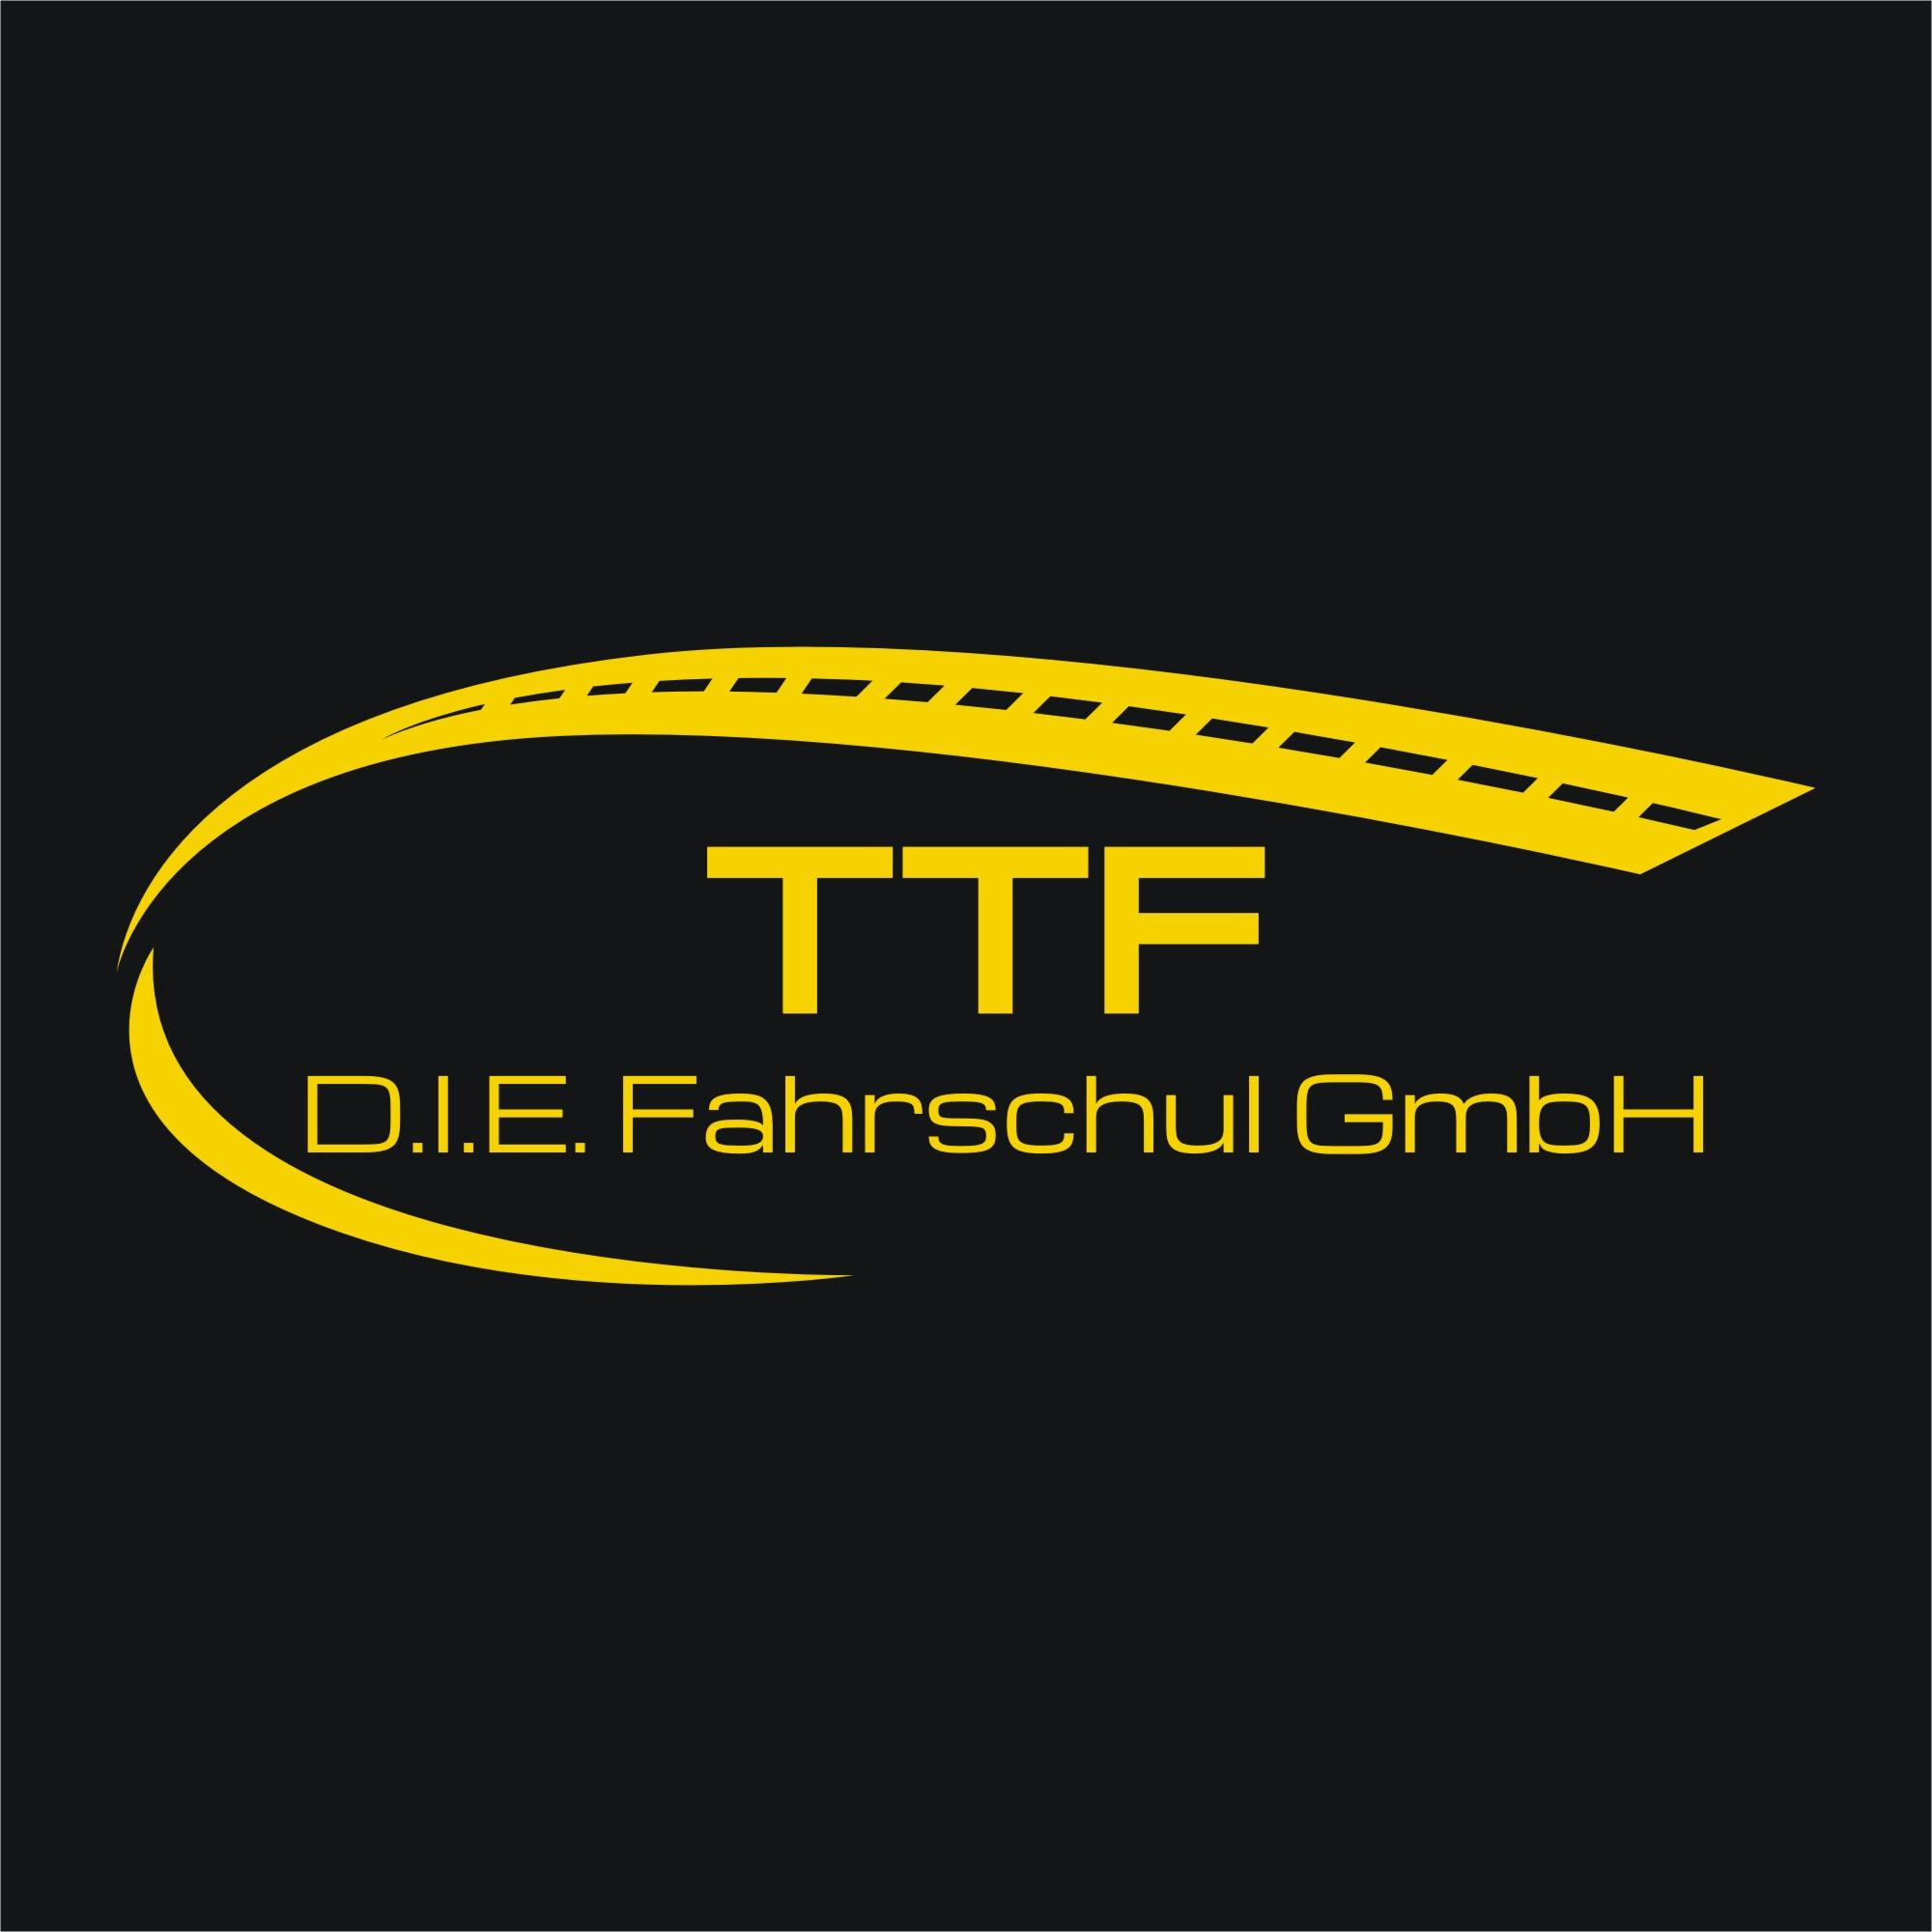 Logo von TTF Die Fahrschule GmbH